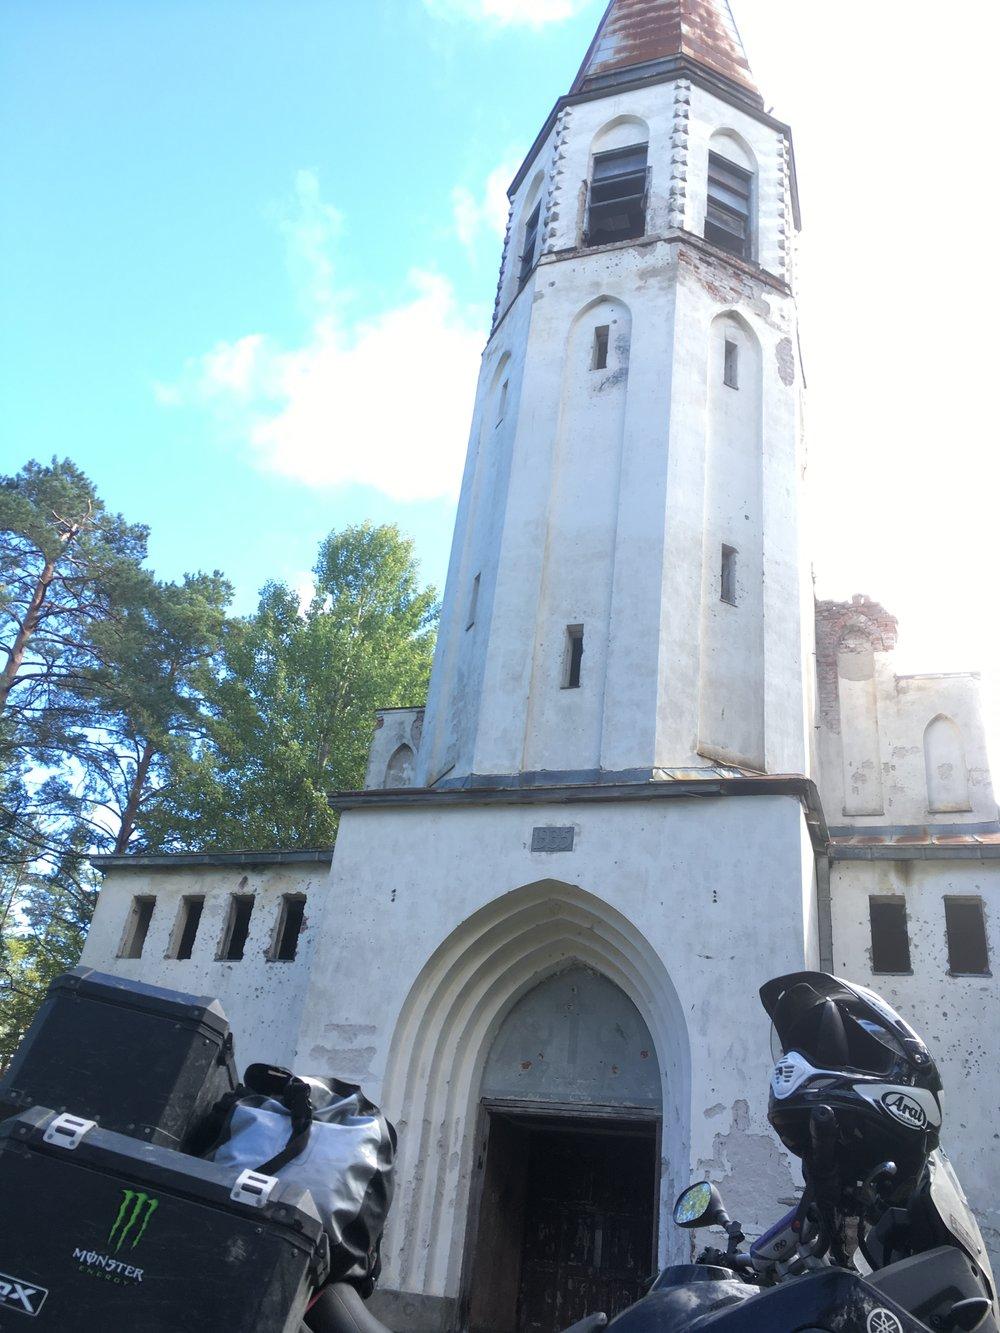 Talvisodan jälkeen Lumivaara ja sen kirkko luovutettiin Neuvostoliitolle. Venäläiset tuhosivat muun muassa kirkon alttarin ja käyttivät kirkkoa elokuvateatterina. Jatkosodassa Lumivaara vallattiin takaisin ja Lumivaaran kirkko saatiin kunnostettua 1943. Vuonna 1944 kirkko jäi kuitenkin Neuvostoliitolle.